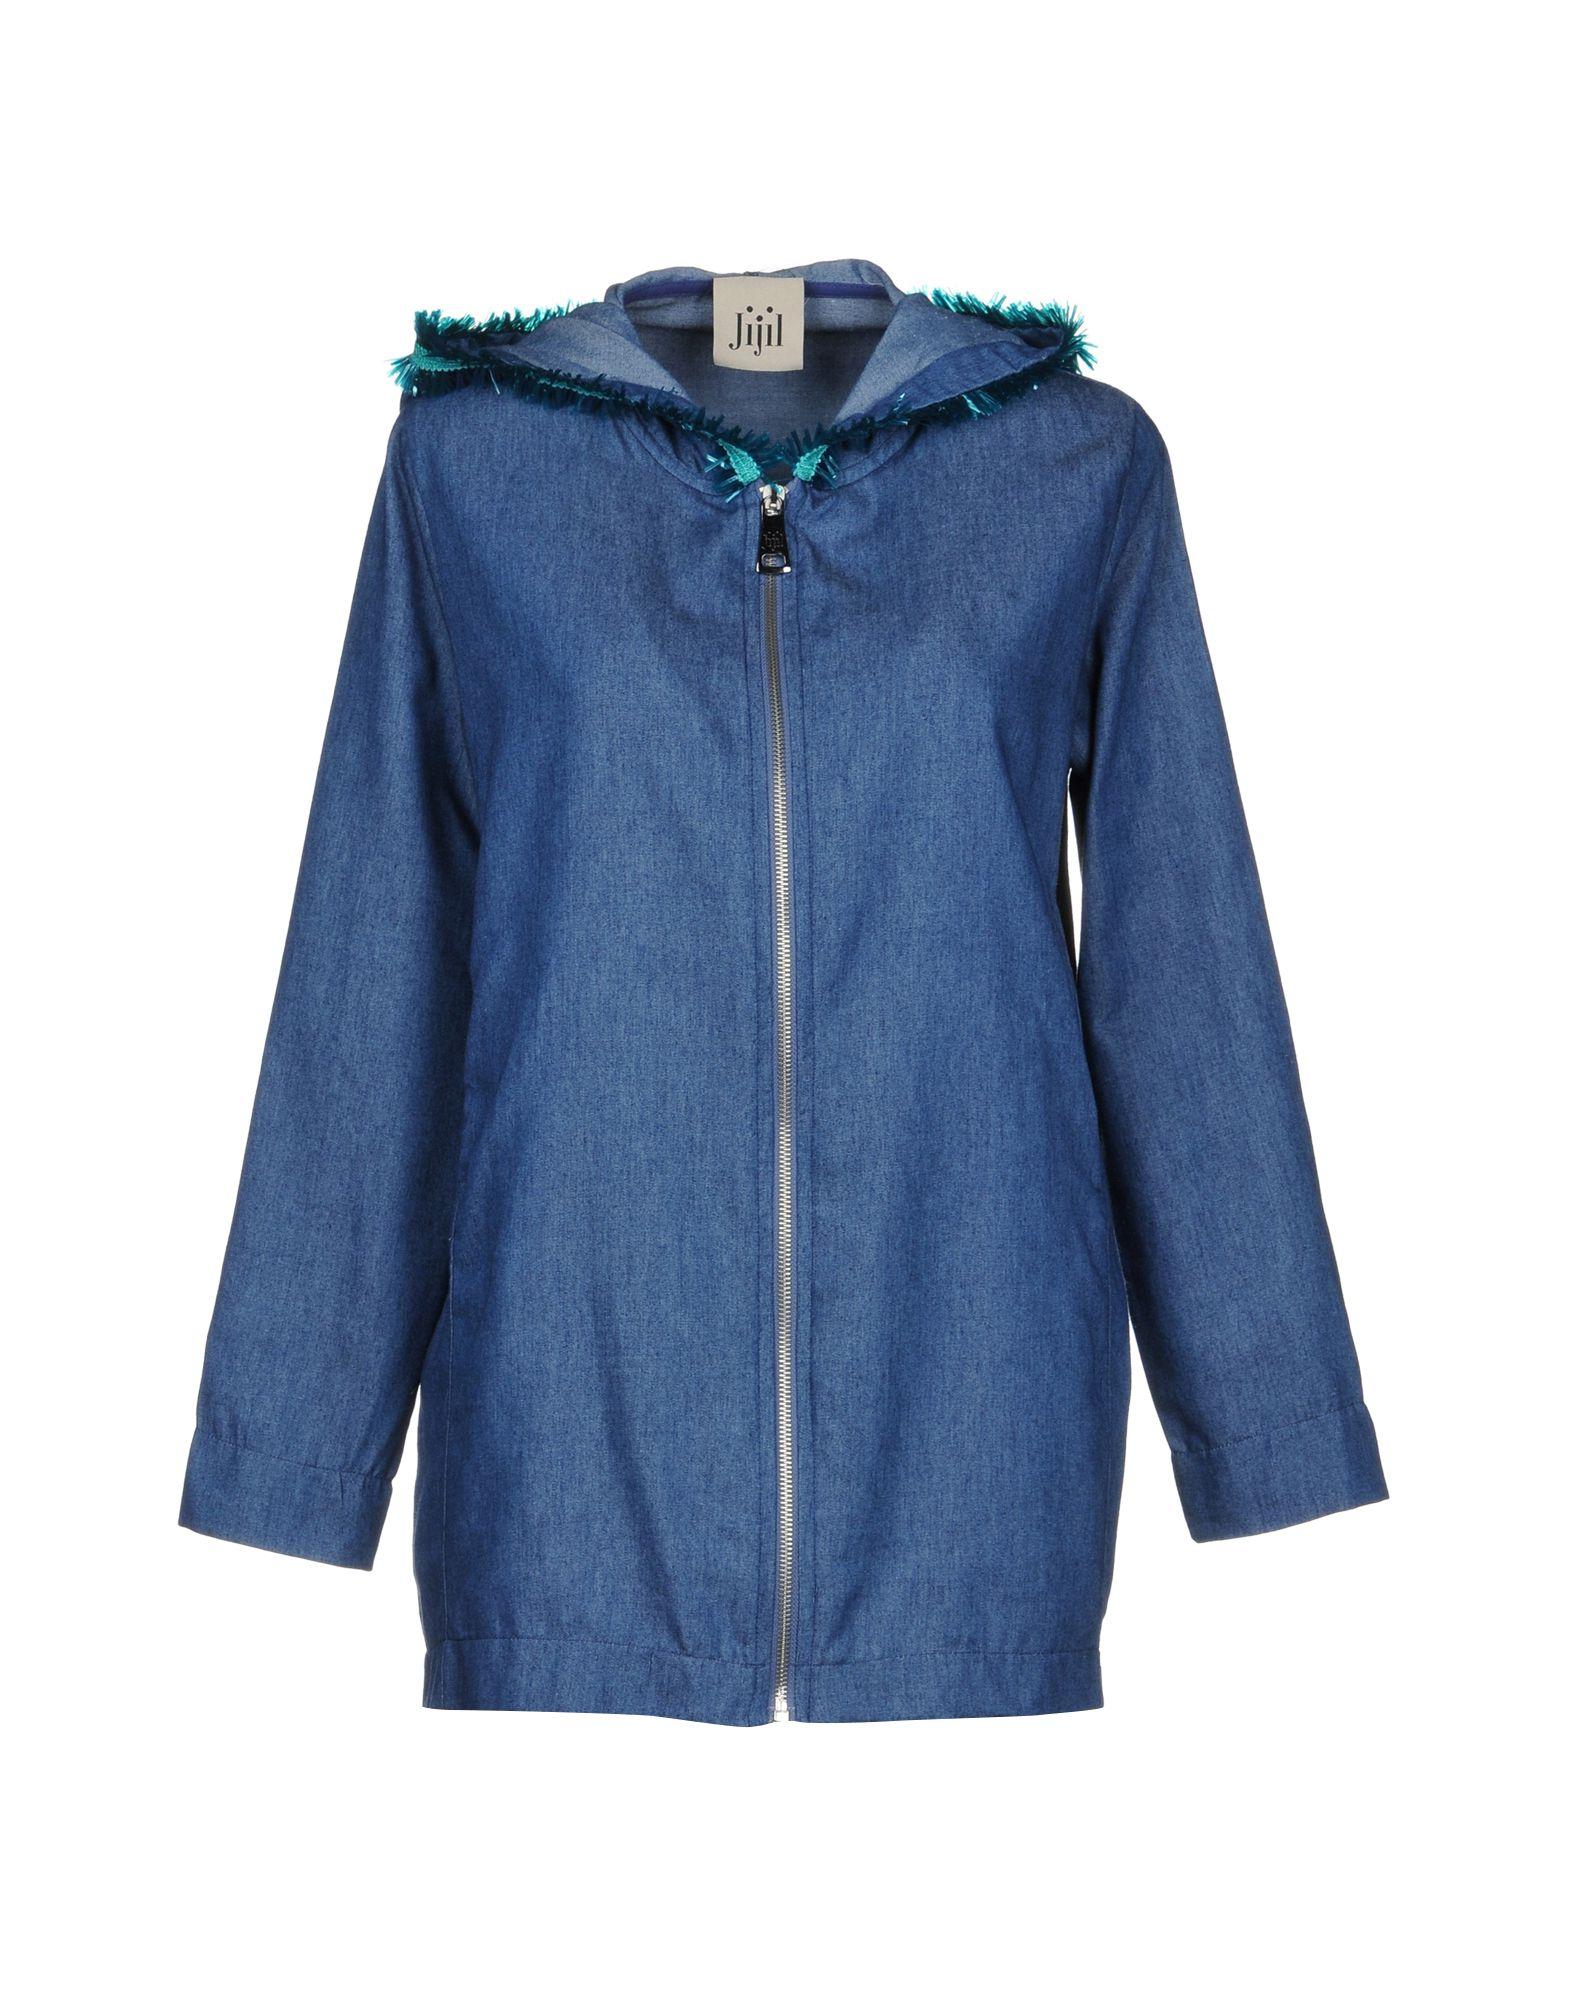 JIJIL Джинсовая рубашка цена 2017